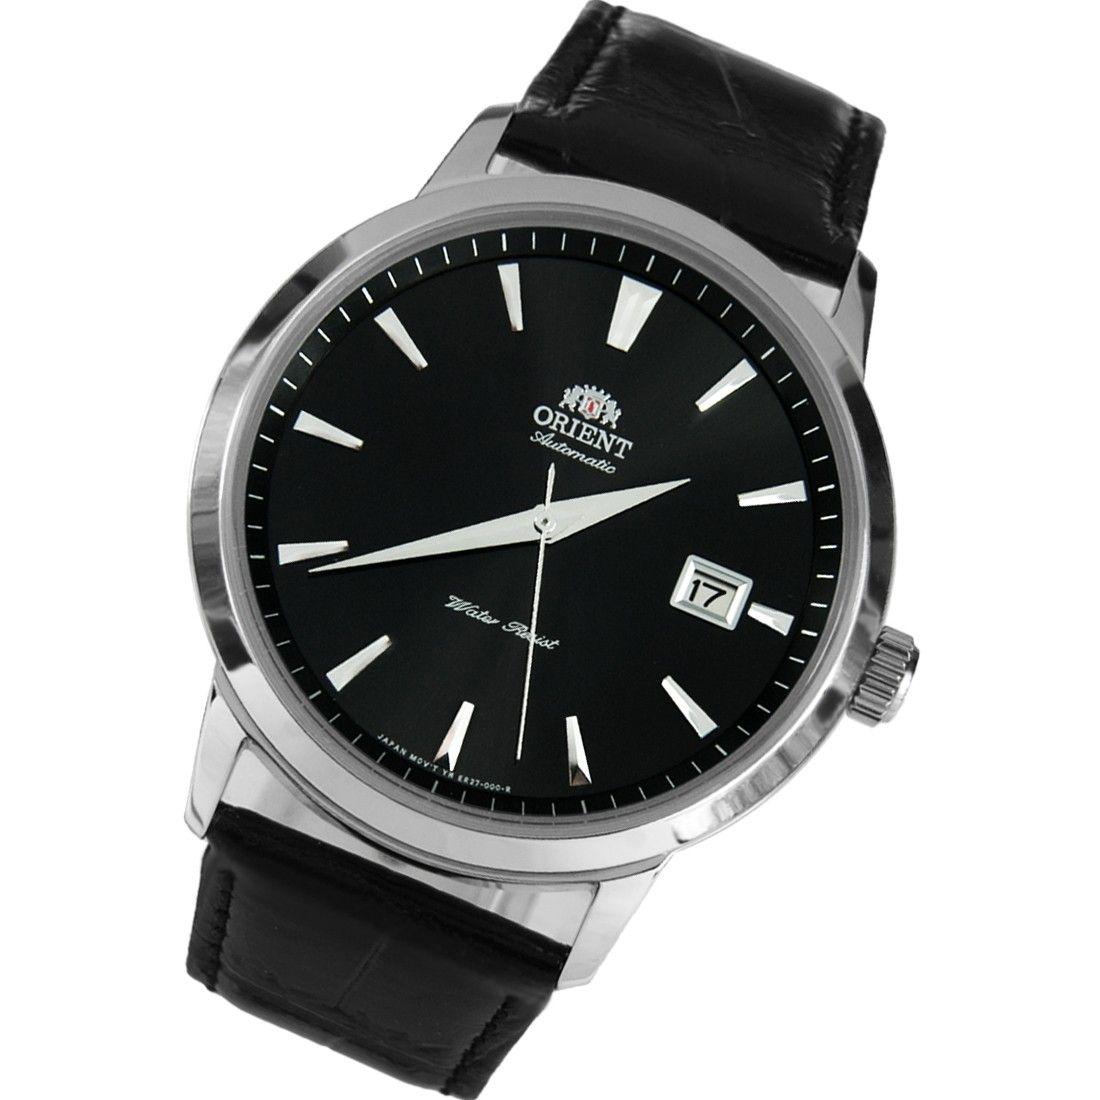 Các vạch số và kim đồng hồ nổi bật trên nền mặt đen